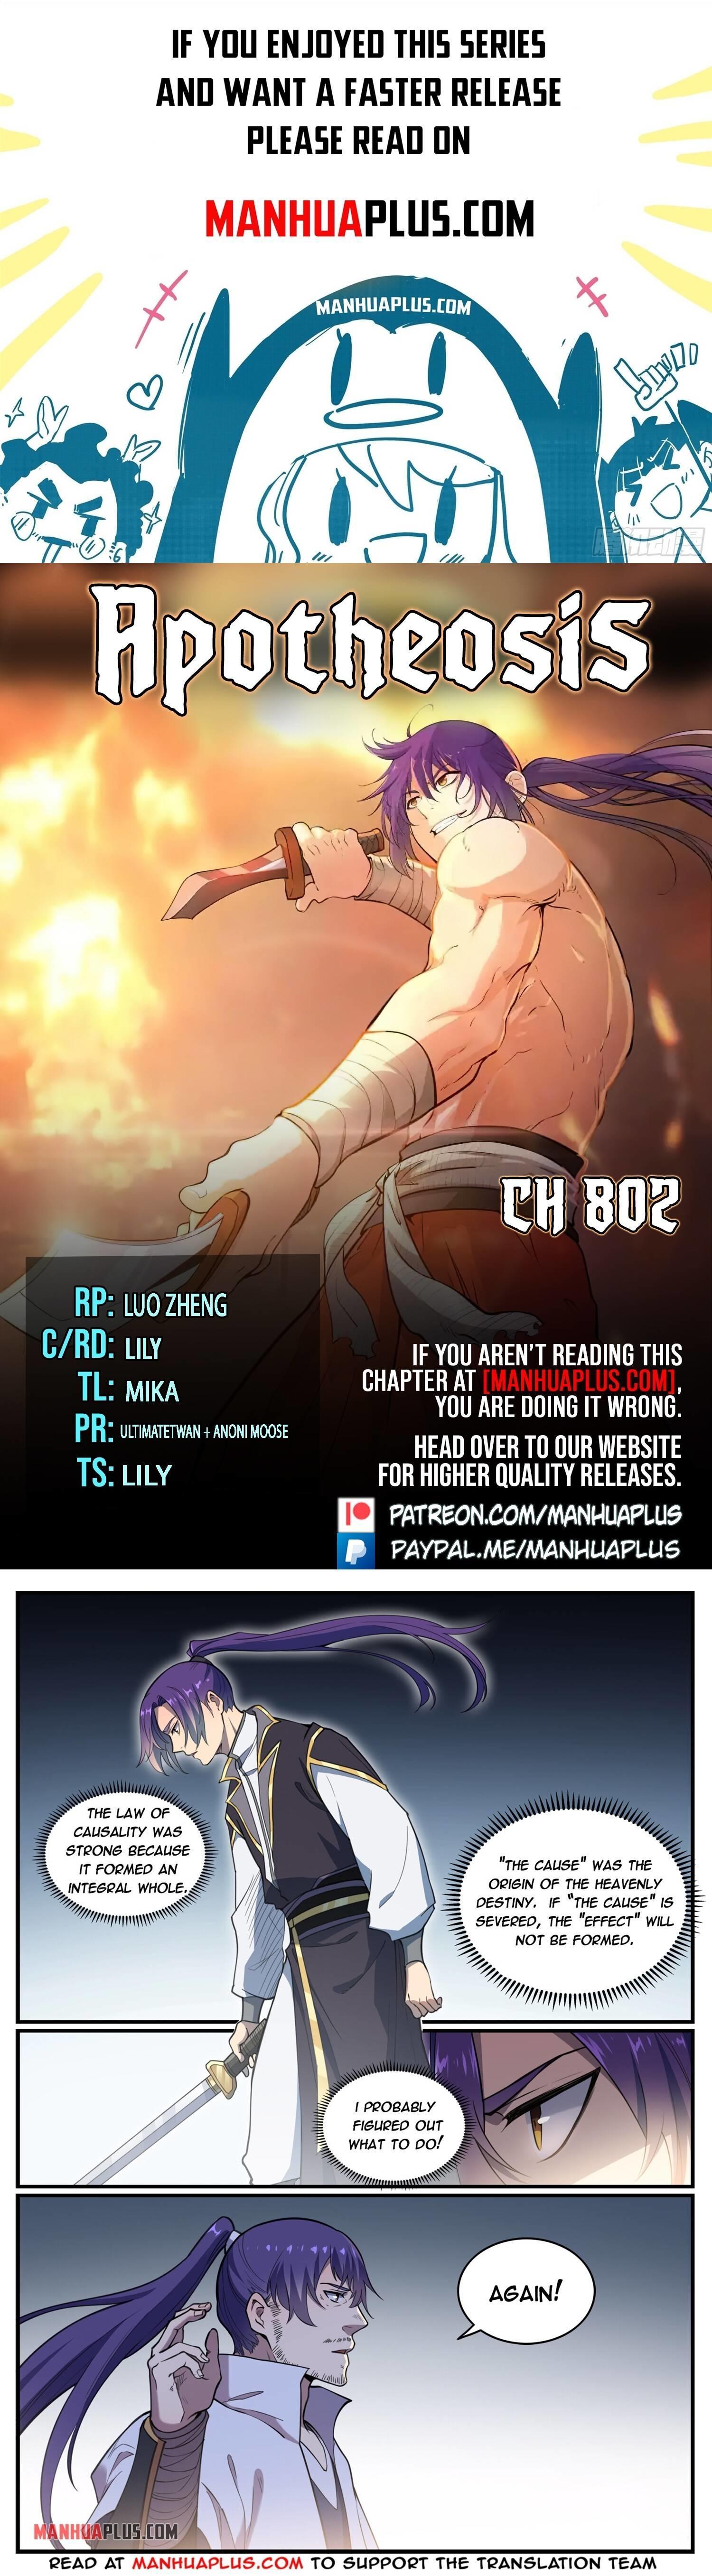 Apotheosis Chapter 802 page 1 - Mangakakalots.com